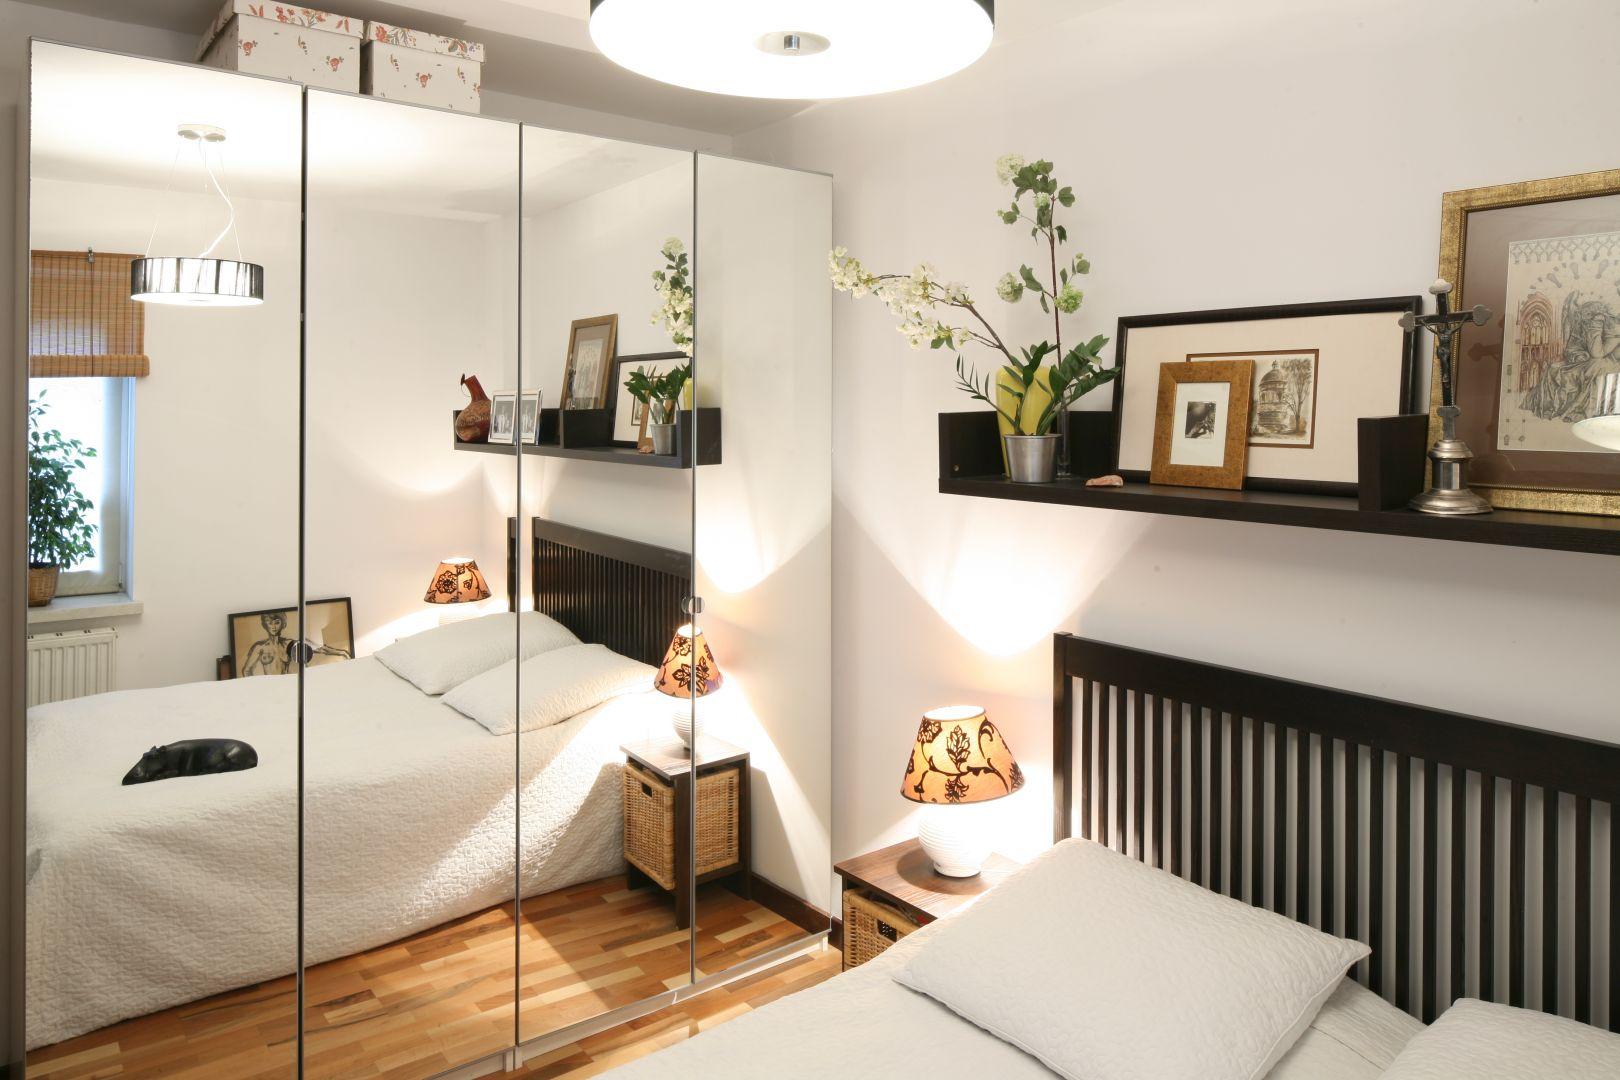 Najprostszym sposobem na powiększenie małej sypialni, jest umocowanie lustra na drzwiach szafy. Optycznie powiększa ono wnętrze i dodaje mu więcej światła. Projekt: Marcin Lewandowicz. Fot. Bartosz Jarosz